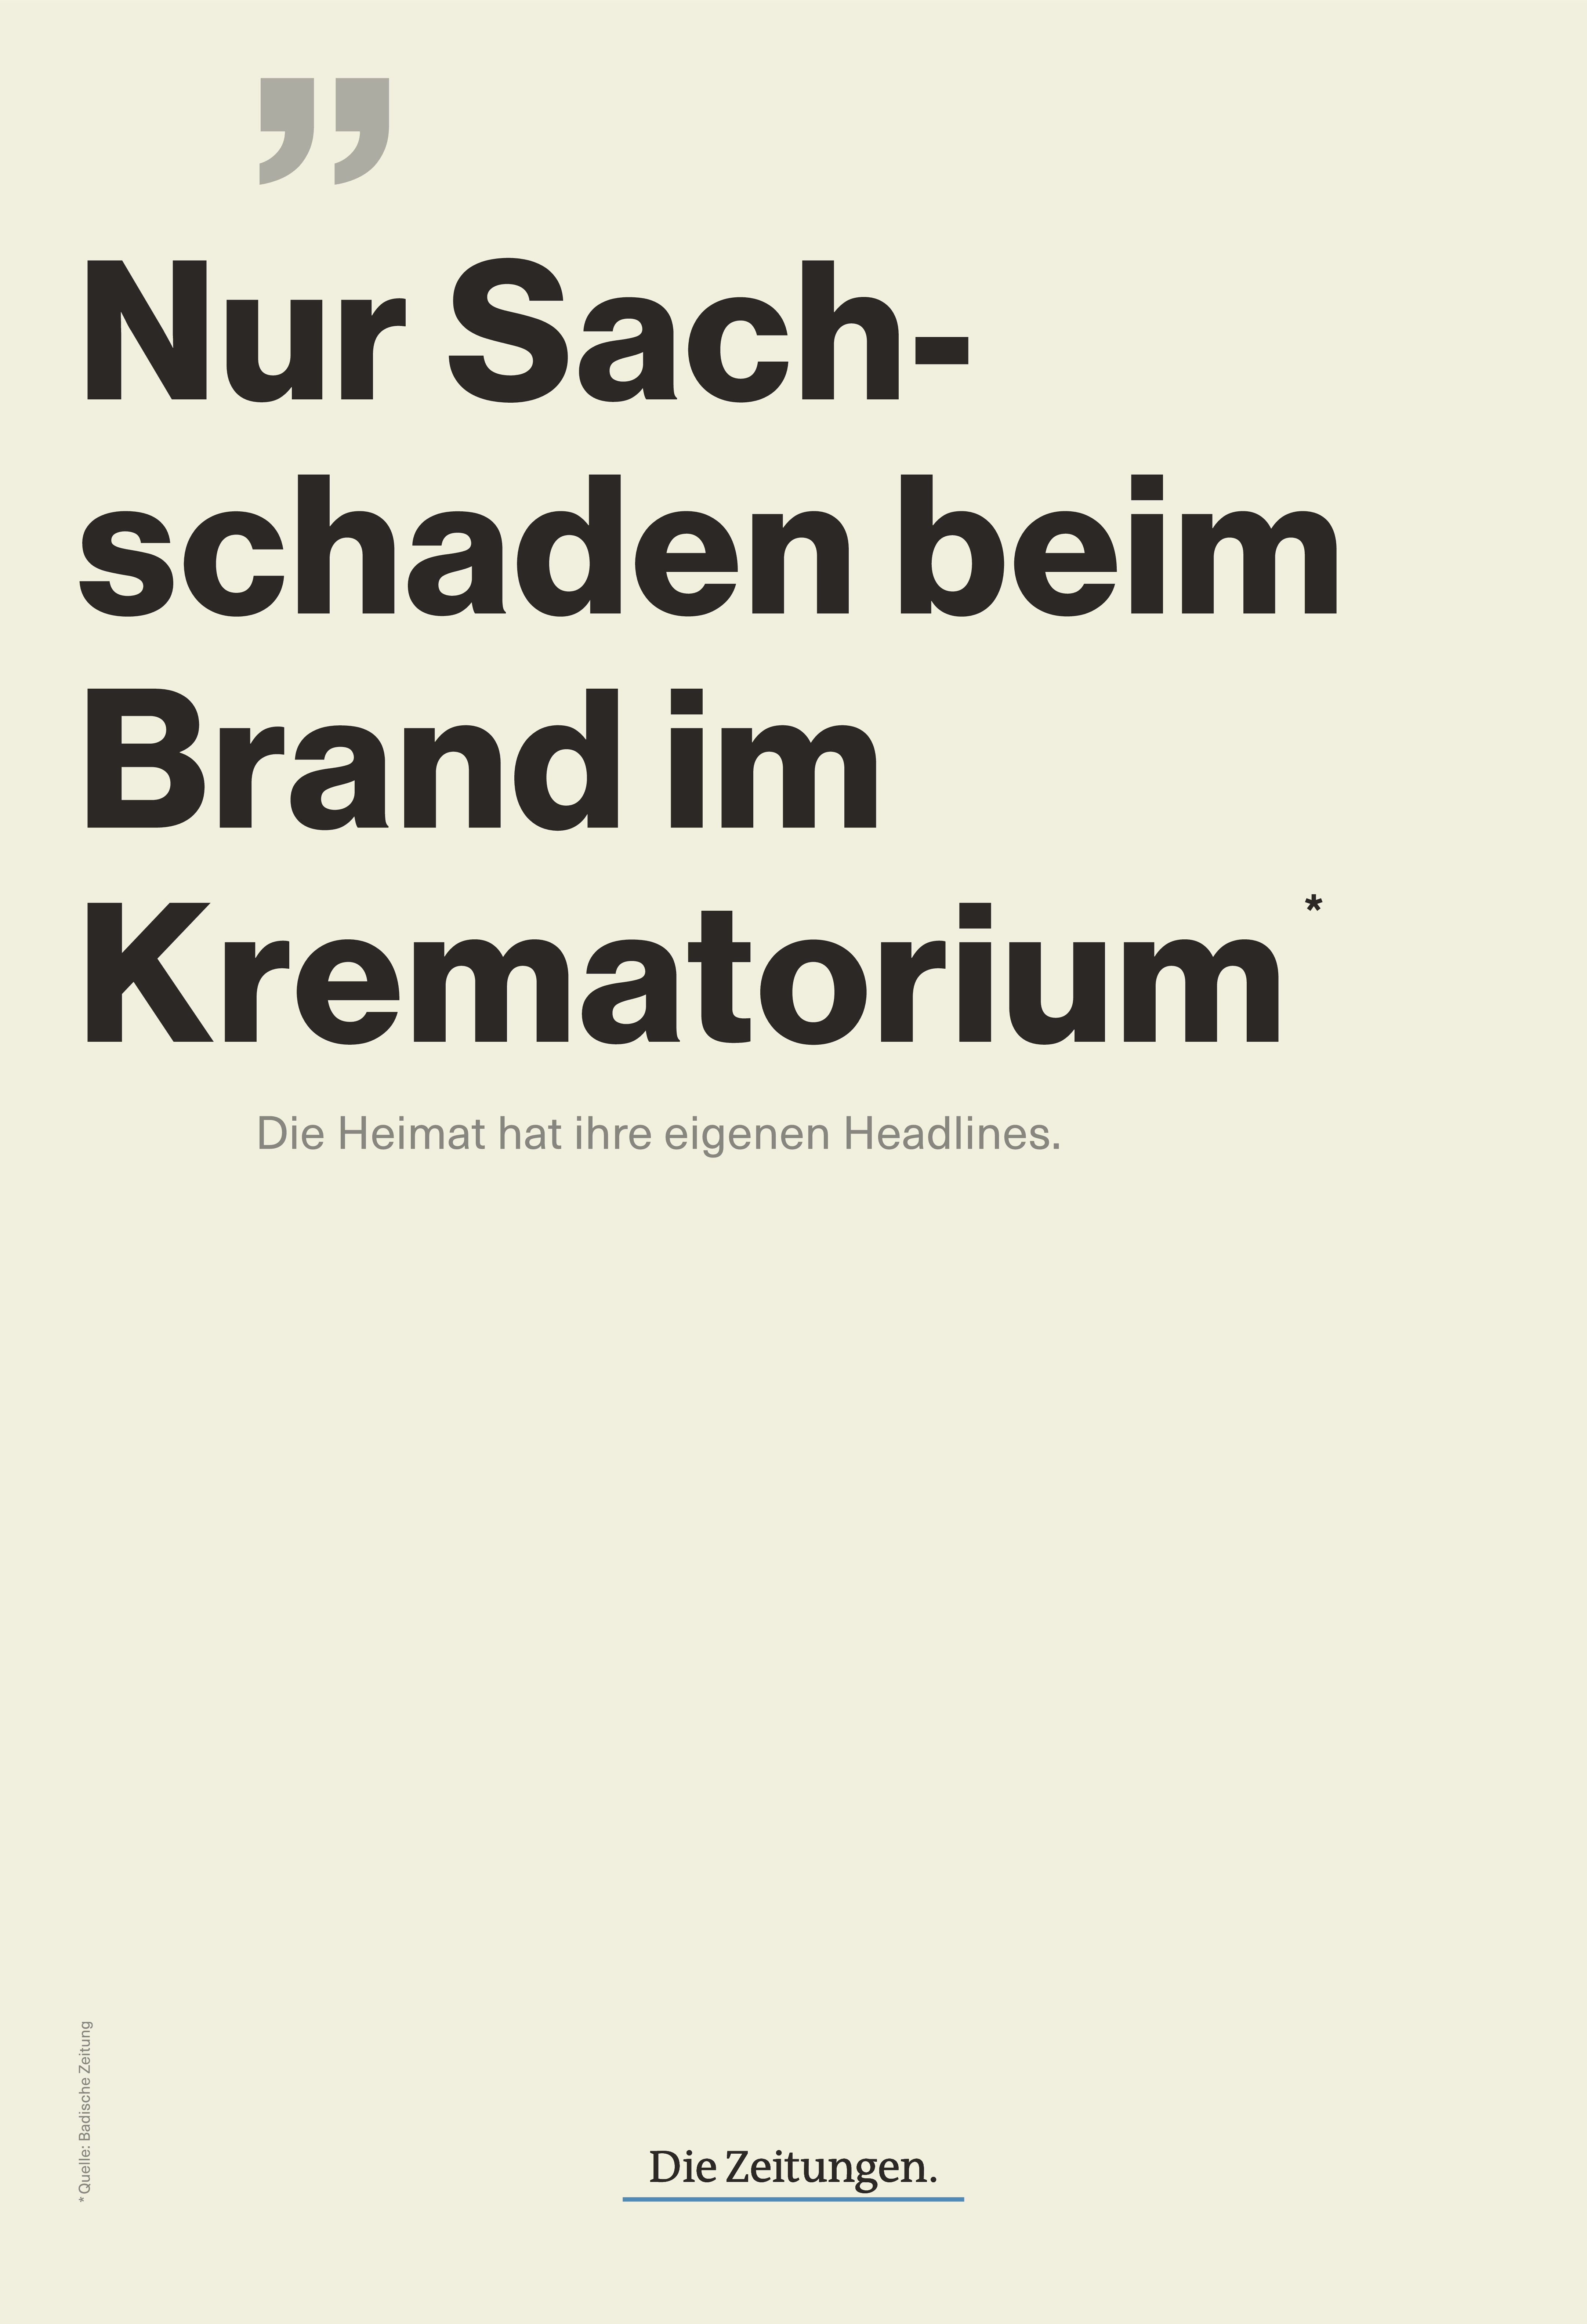 NcB19_BRONZE_001_Christoph Lehmann_FolkwangEssen_3von3